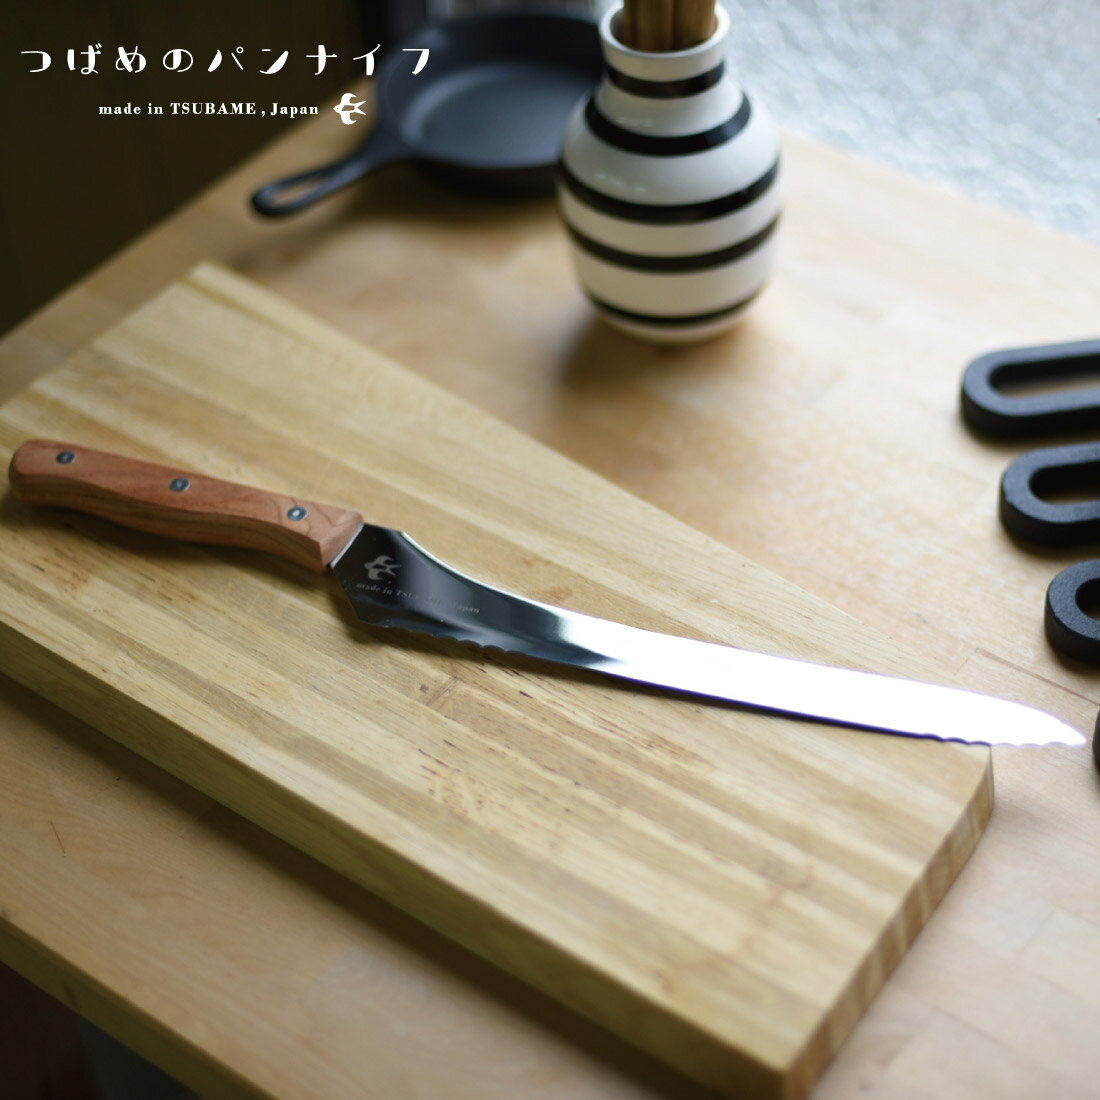 包丁・ナイフ, パン切り包丁 Arnest TSUBAME no PanknifeBread knifeMade in Japan